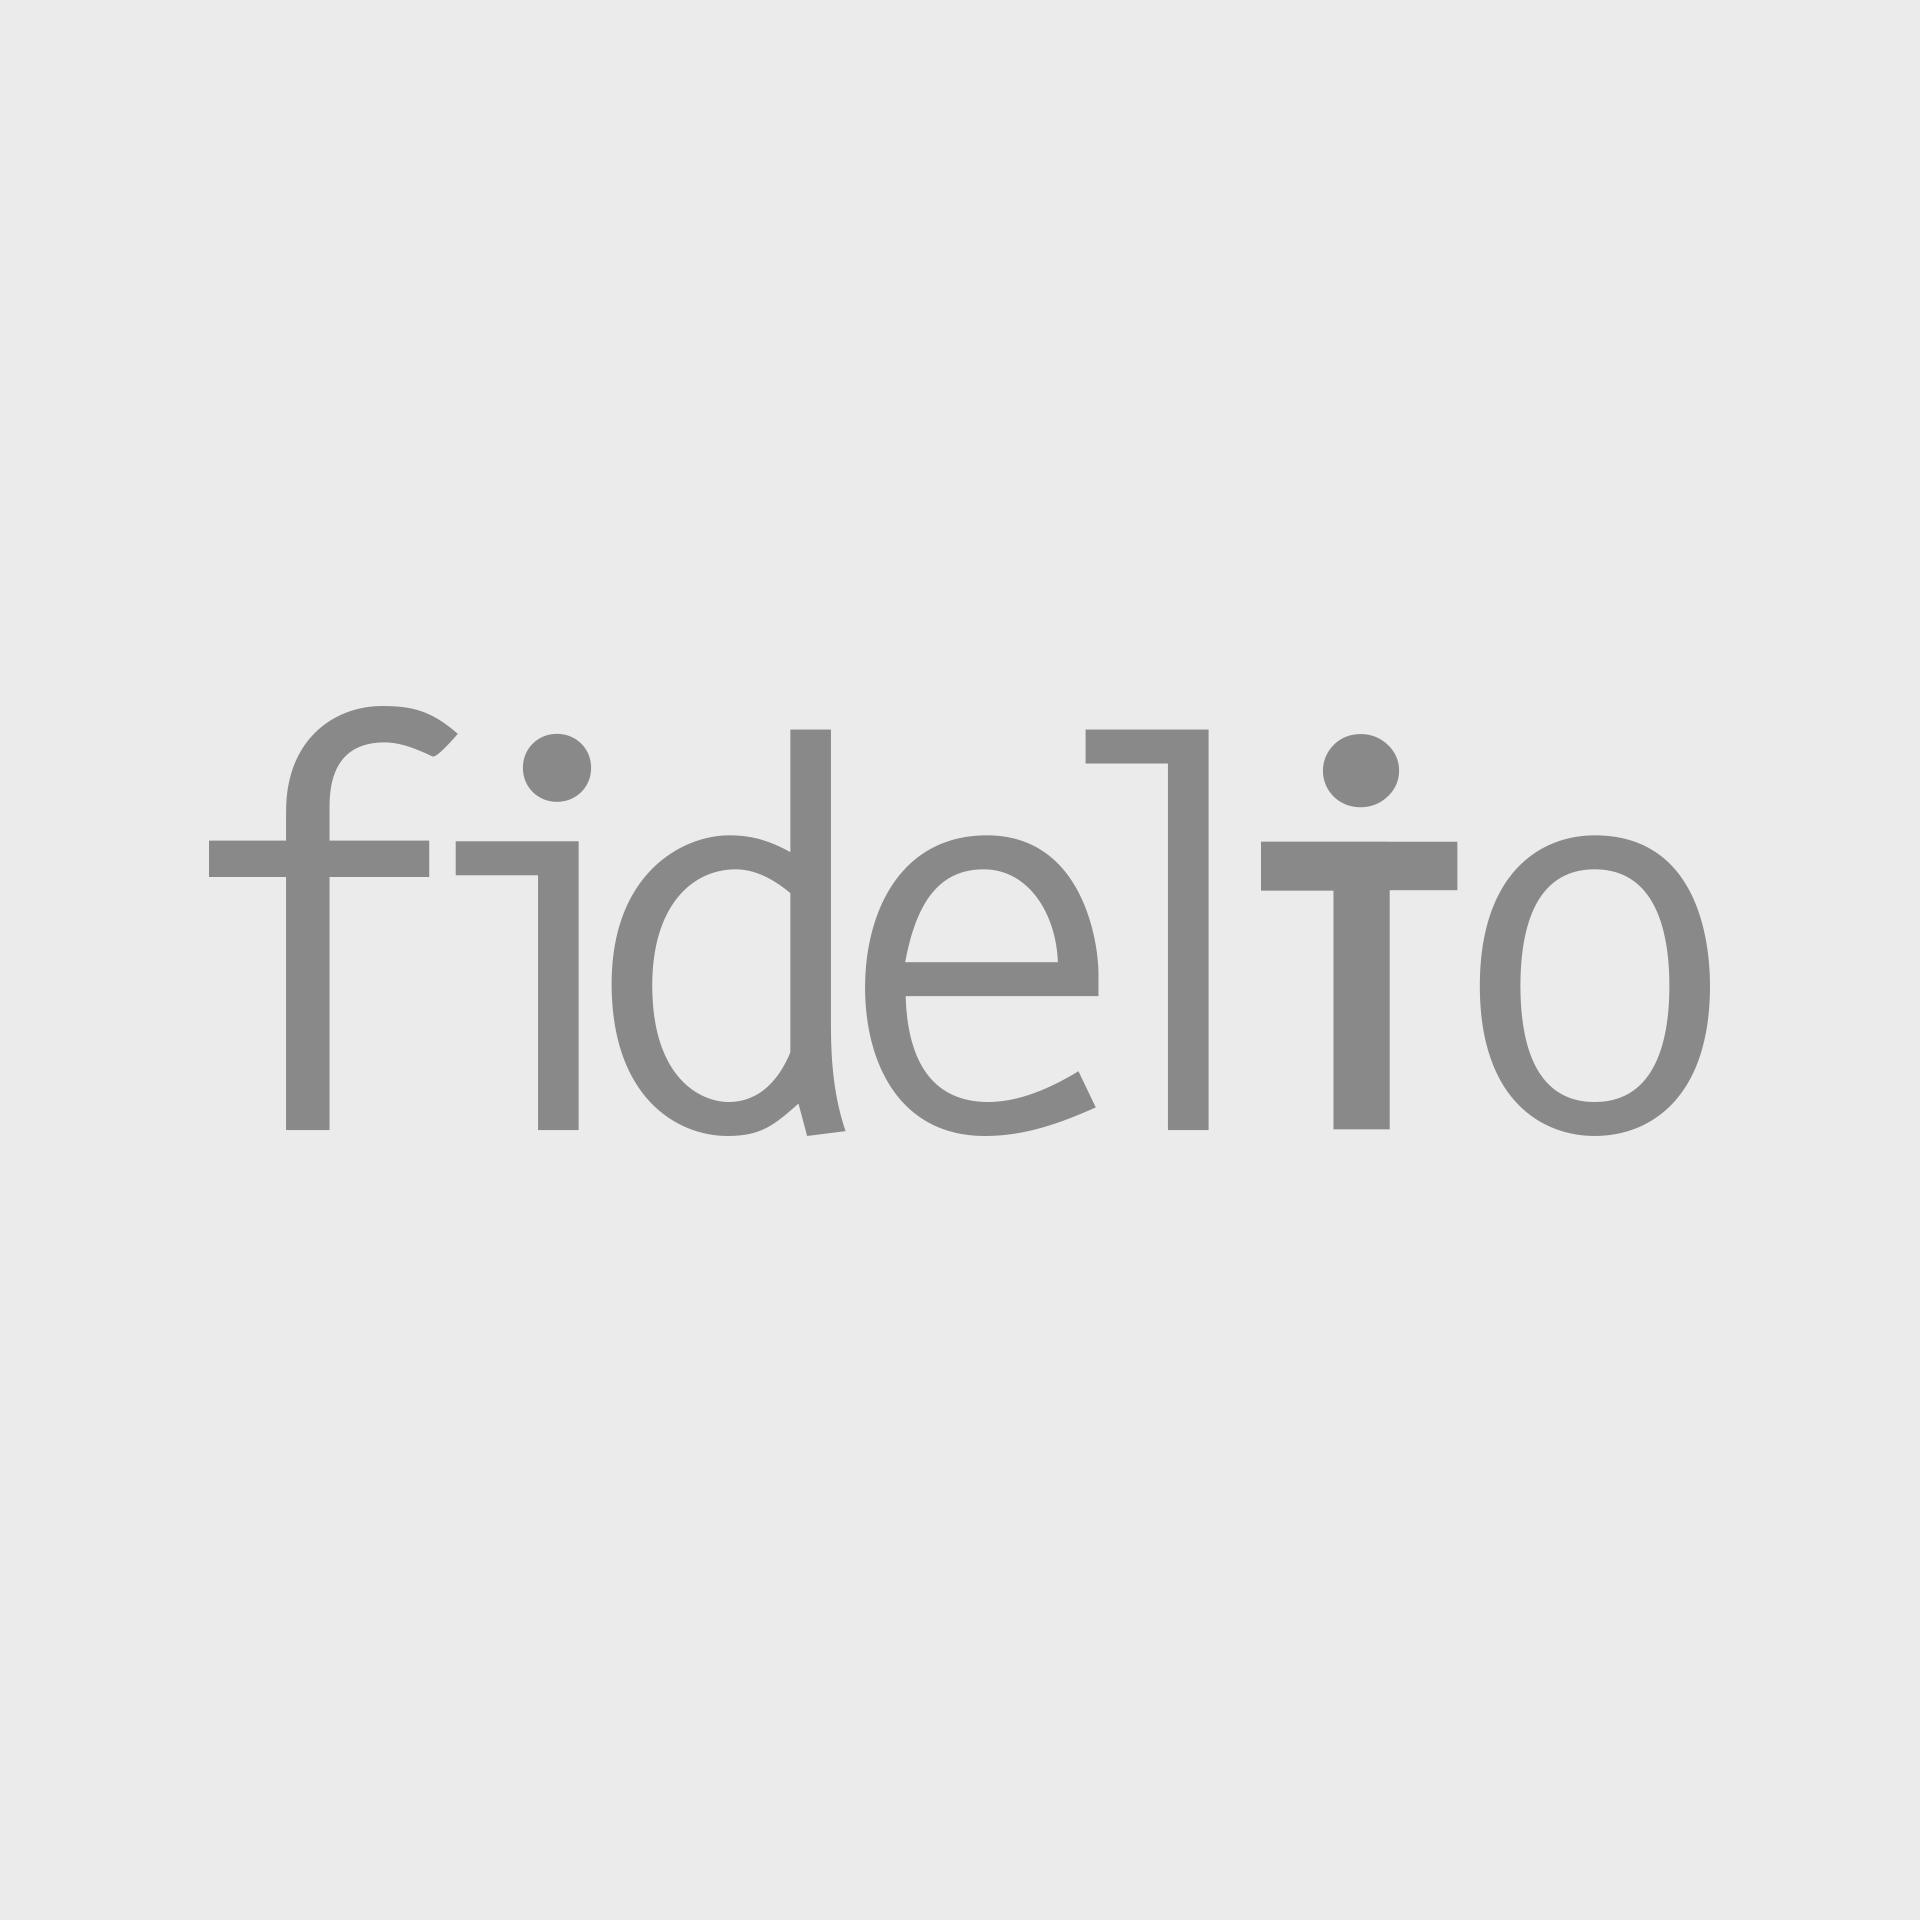 9D952435-F6D6-4730-9D52-FC5ADAD1DC48